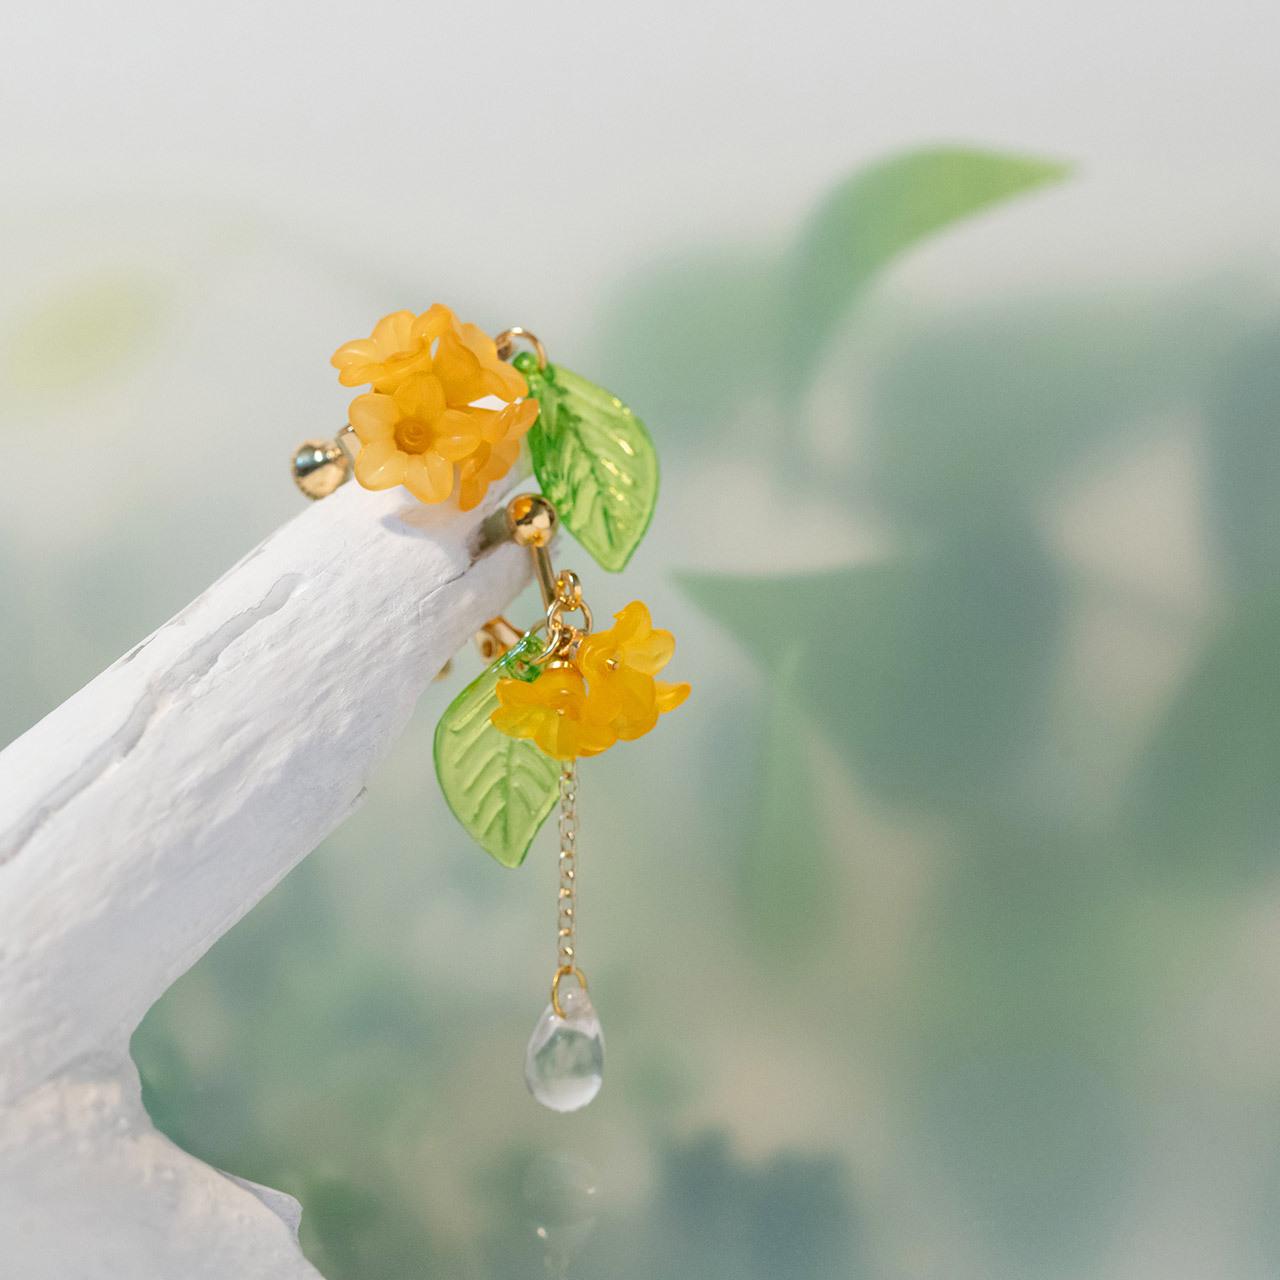 金木犀のイヤリング&ピアス